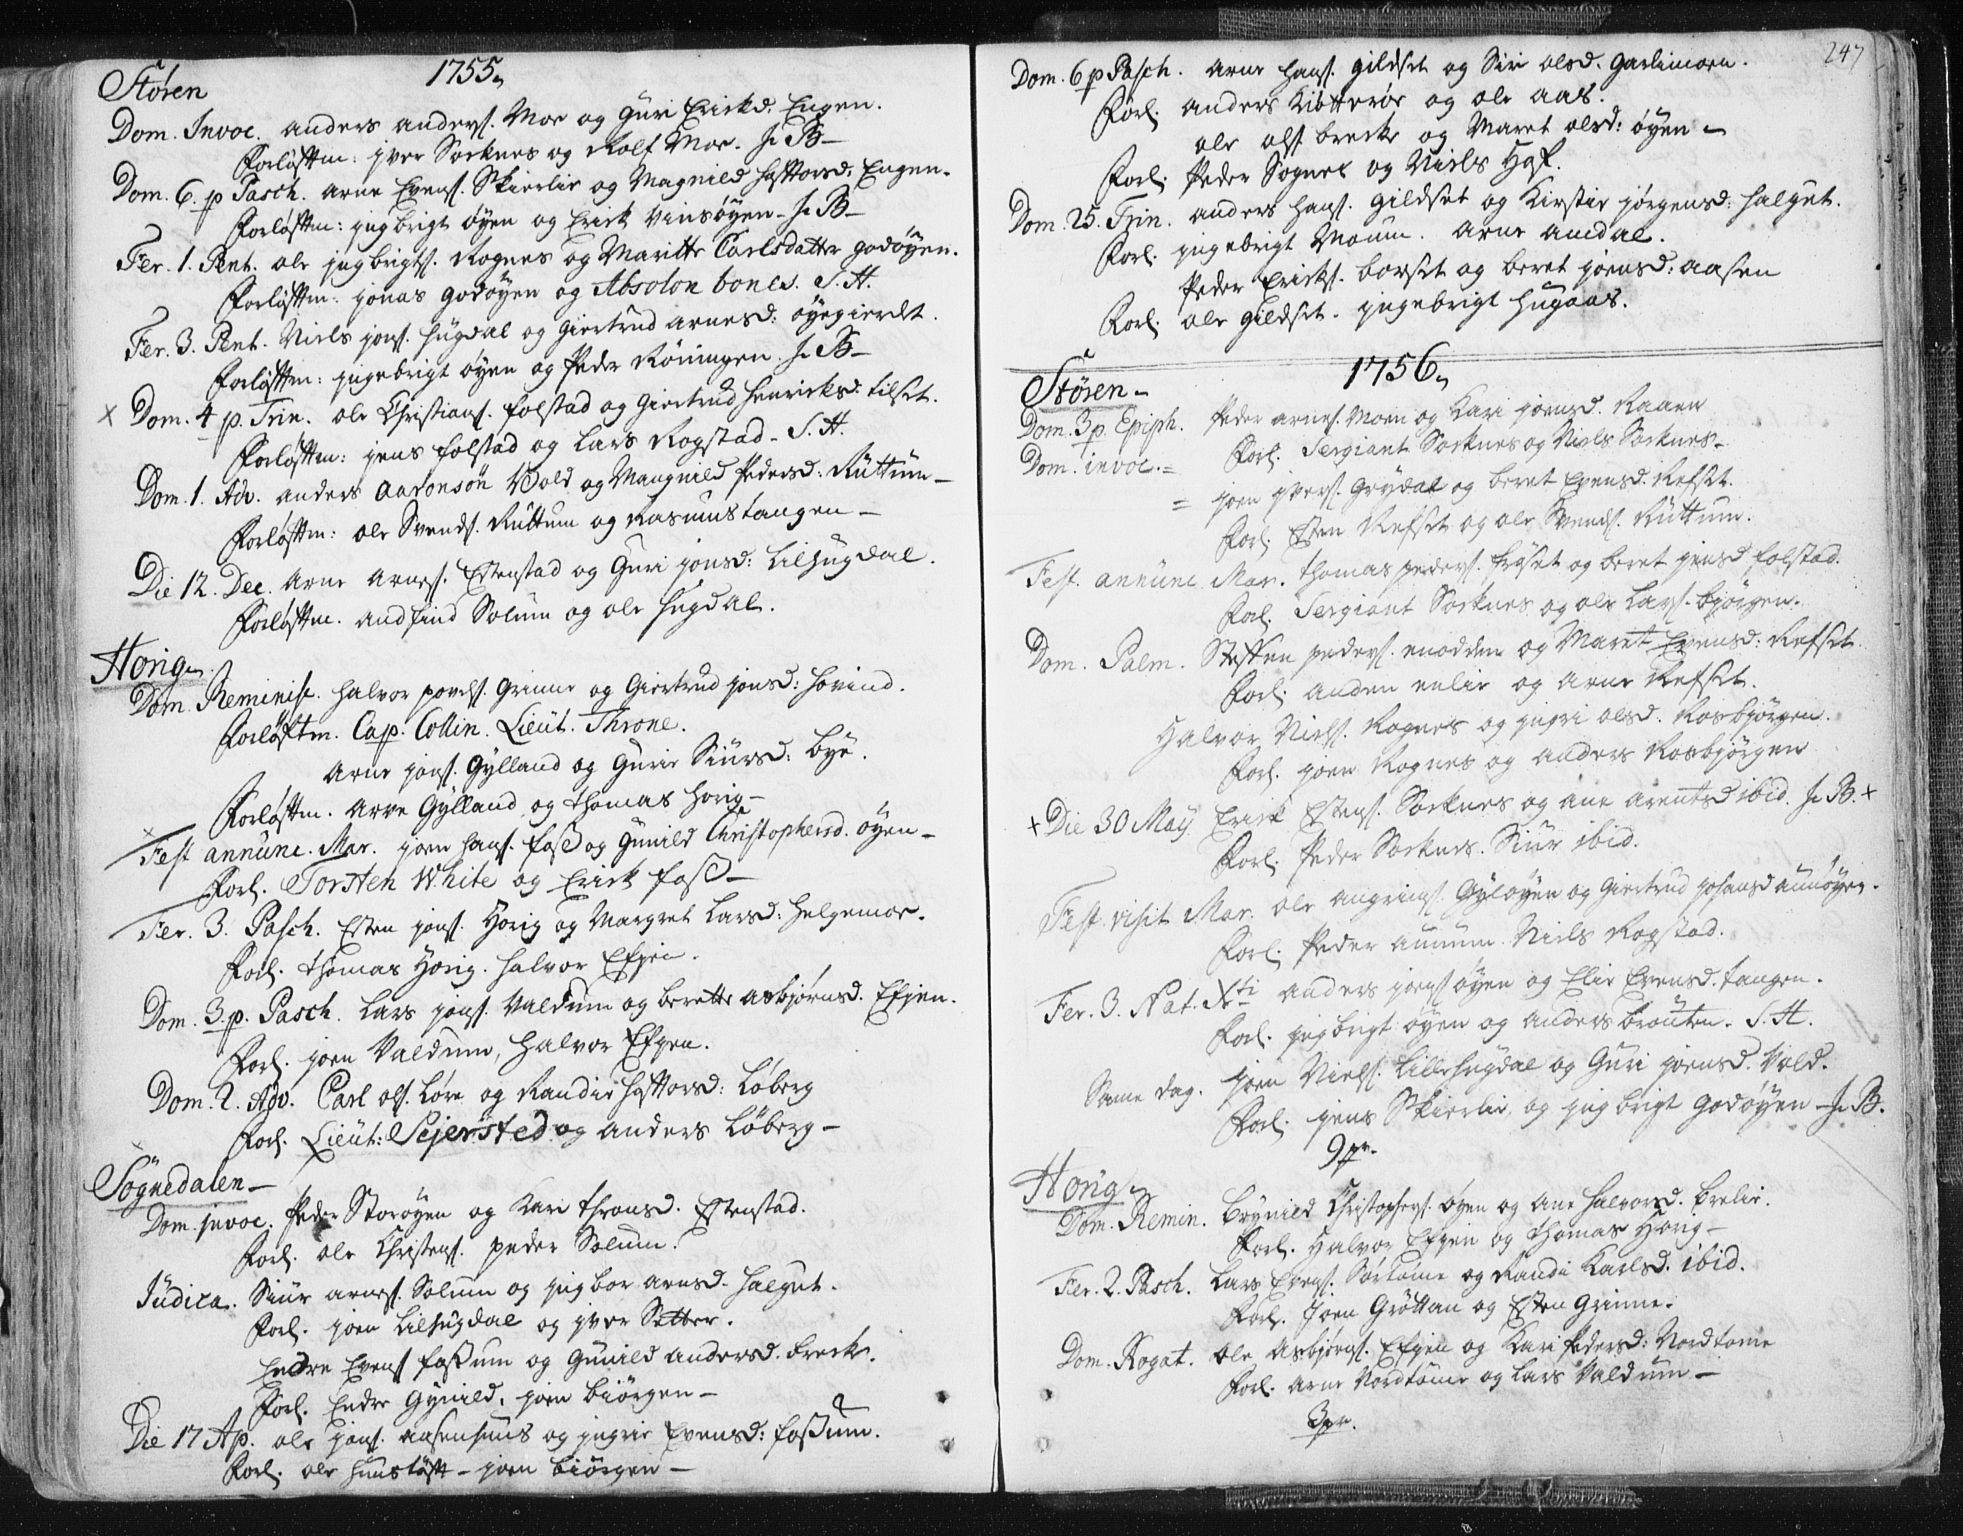 SAT, Ministerialprotokoller, klokkerbøker og fødselsregistre - Sør-Trøndelag, 687/L0991: Ministerialbok nr. 687A02, 1747-1790, s. 247